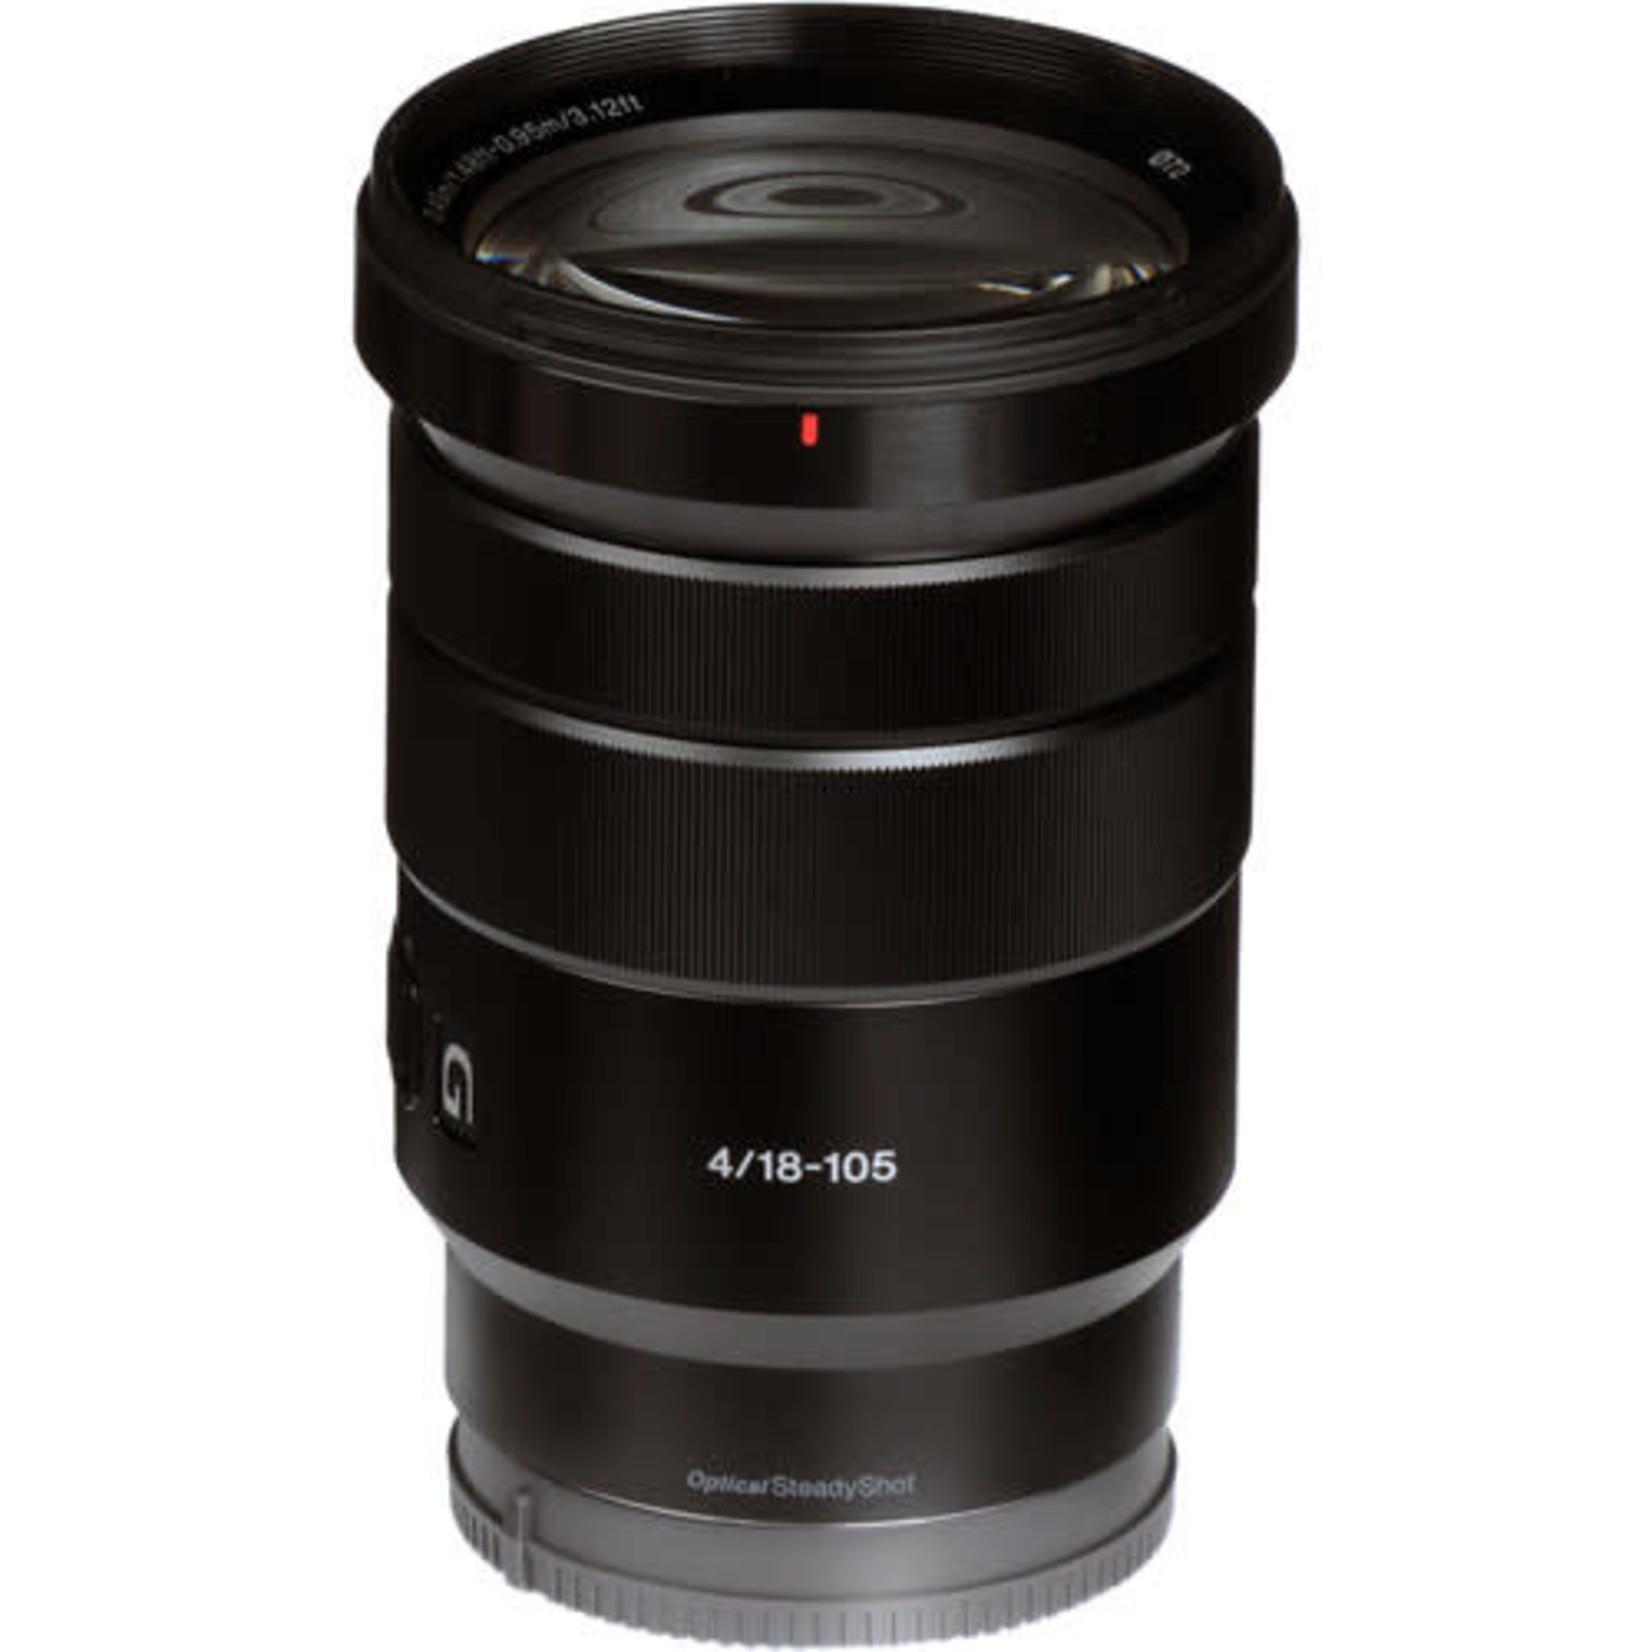 Sony Sony E PZ 18-105mm f/4 G OSS Lens